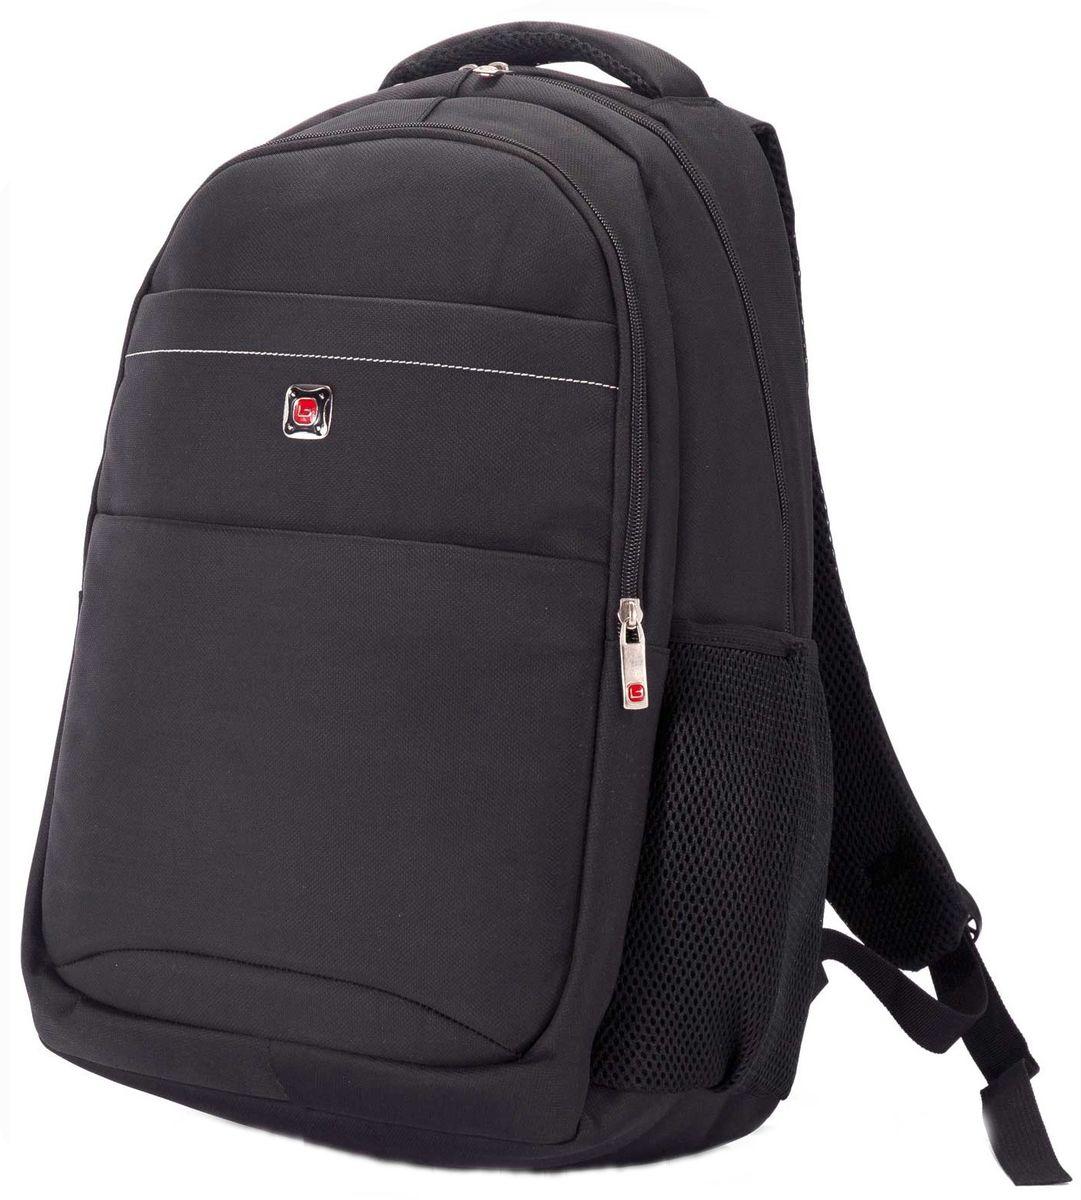 Τσαντα Πλατης για Laptop 15.6inch Benzi BZ5089 Μαύρο σακίδια   τσάντες   τσάντες πλάτης